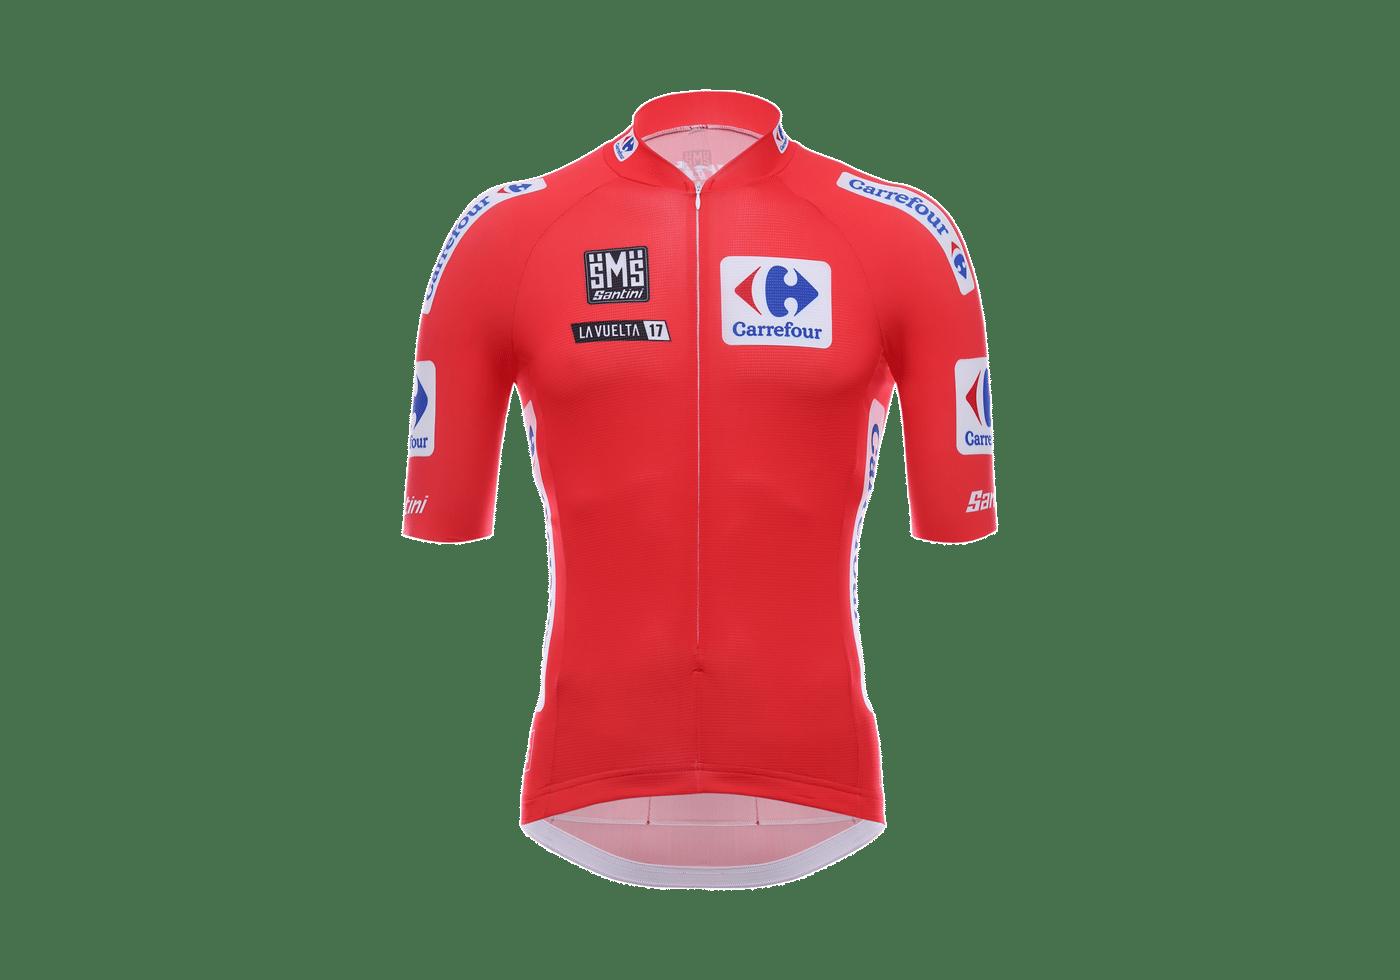 Maillot Rojo La Vuelta 2017 I